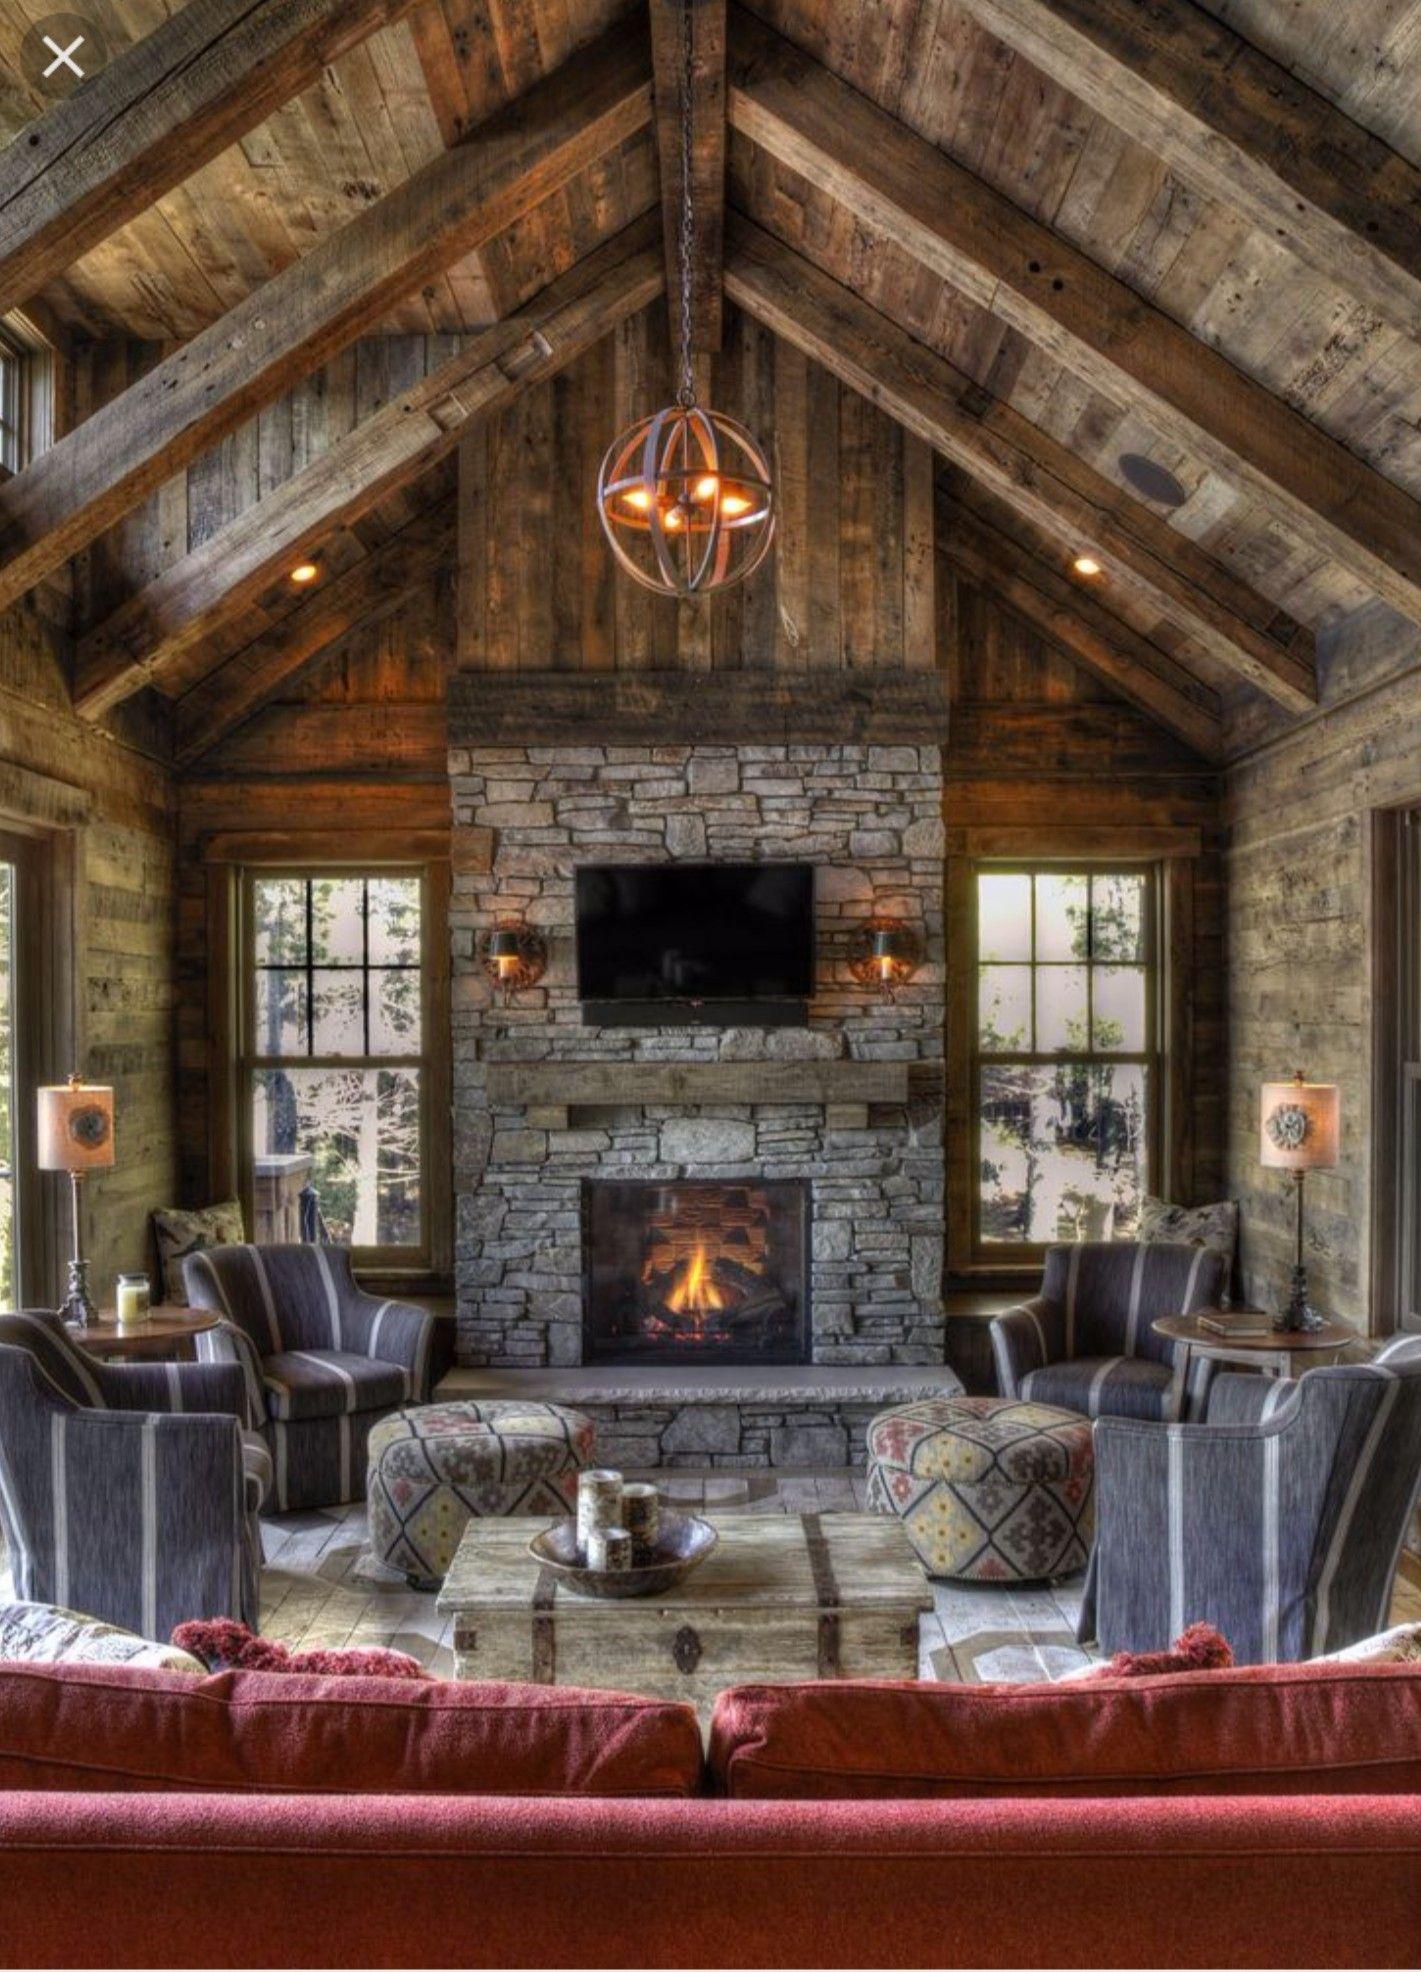 Beautiful Log Cabin Interior Rustic Home Design Rustic House